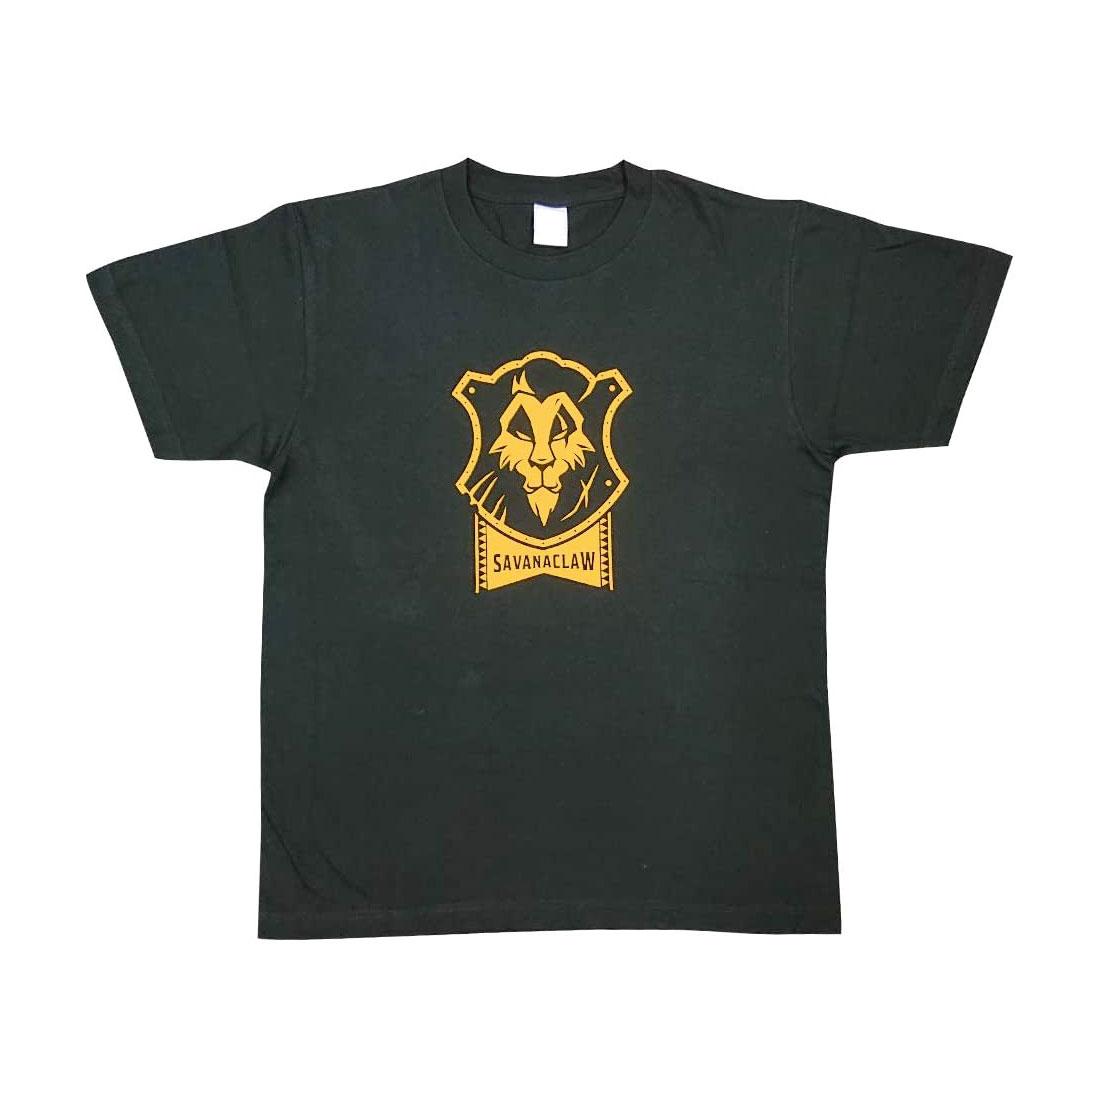 ディズニー ツイステッドワンダーランド Tシャツ サバナクロー(Lサイズ)